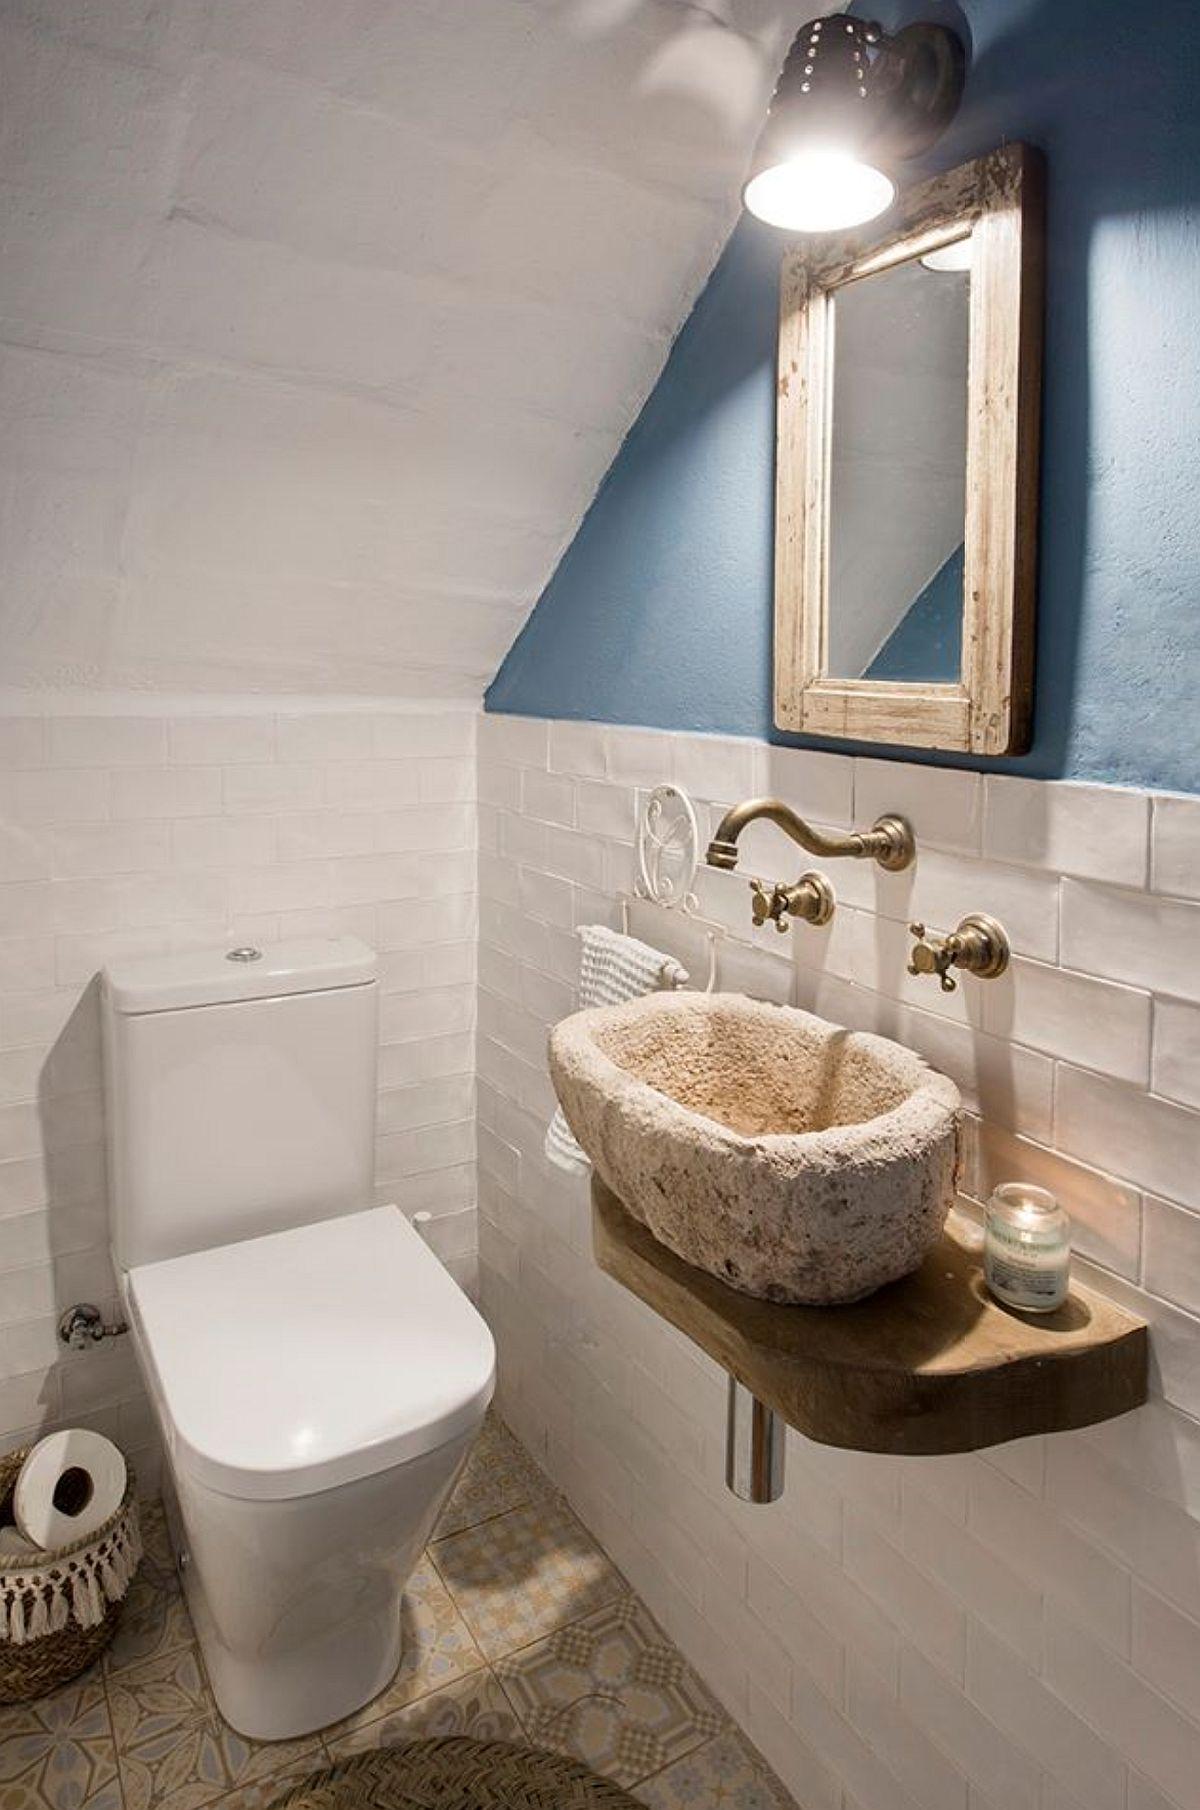 adelaparvu.com despre casa lunga si ingusta cu terasa, stil marin, design Nice Home Barcelona, Foto Jordi Canosa (1)